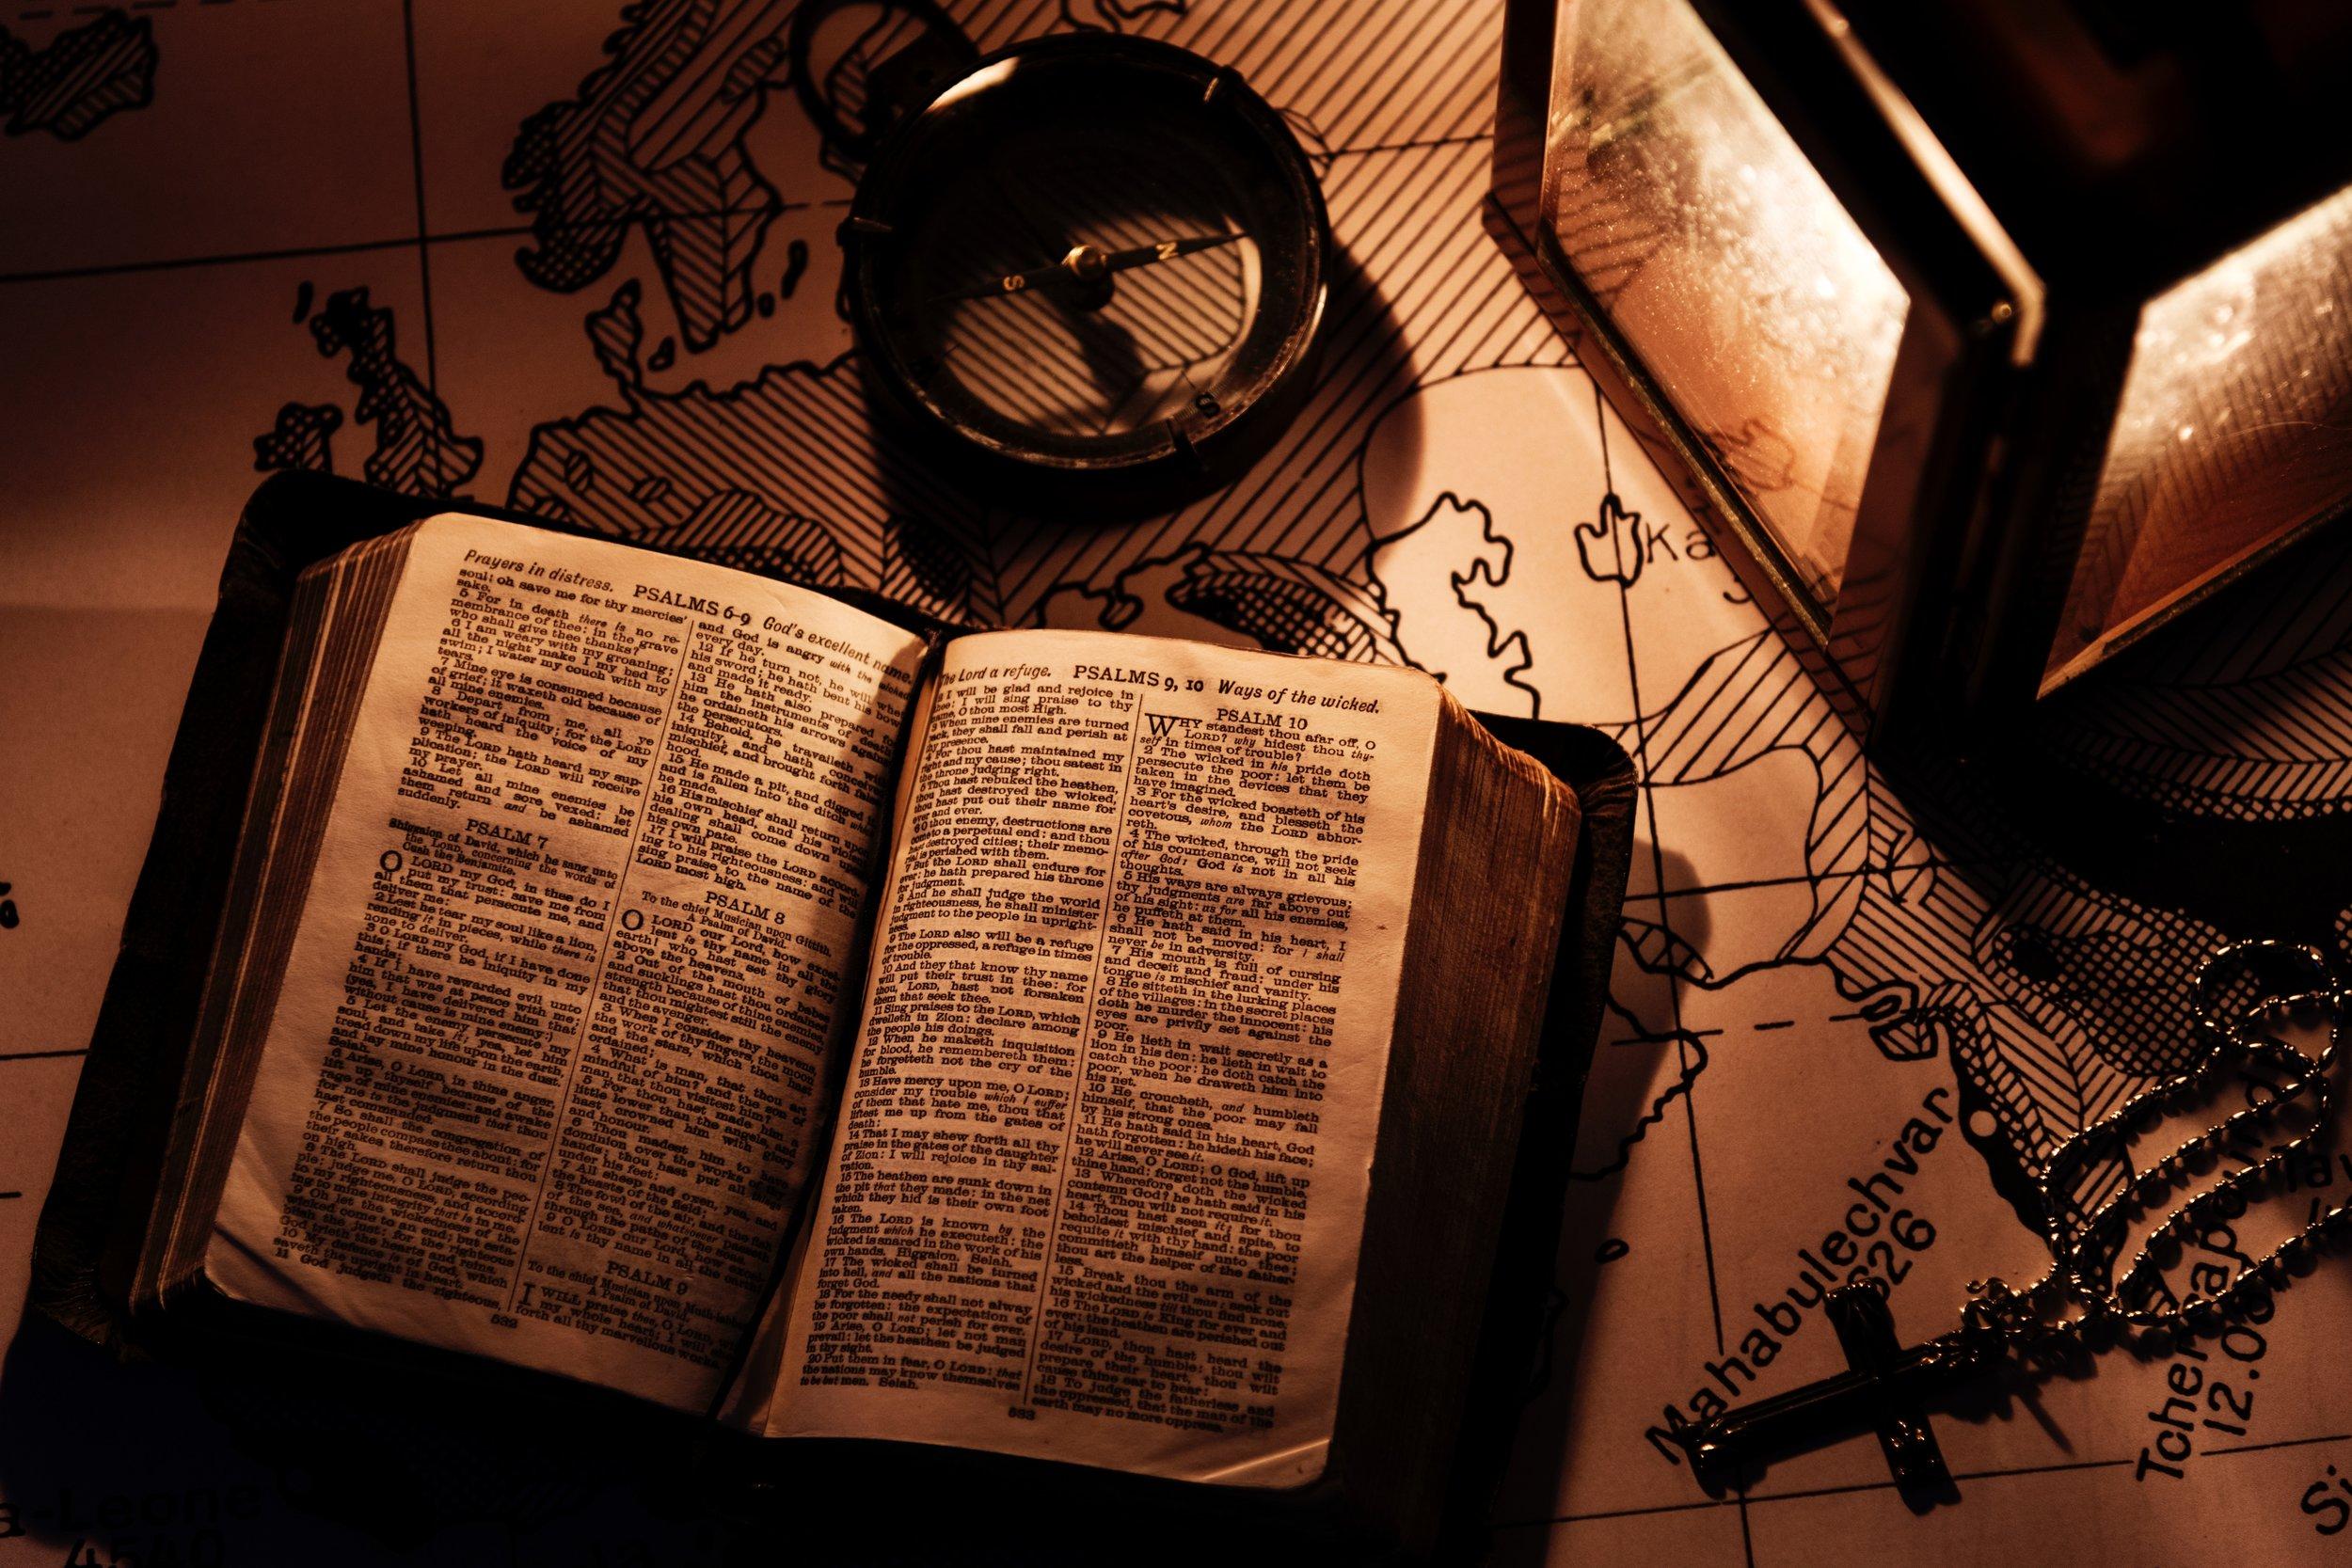 aerial-belief-bible-1437872.jpg